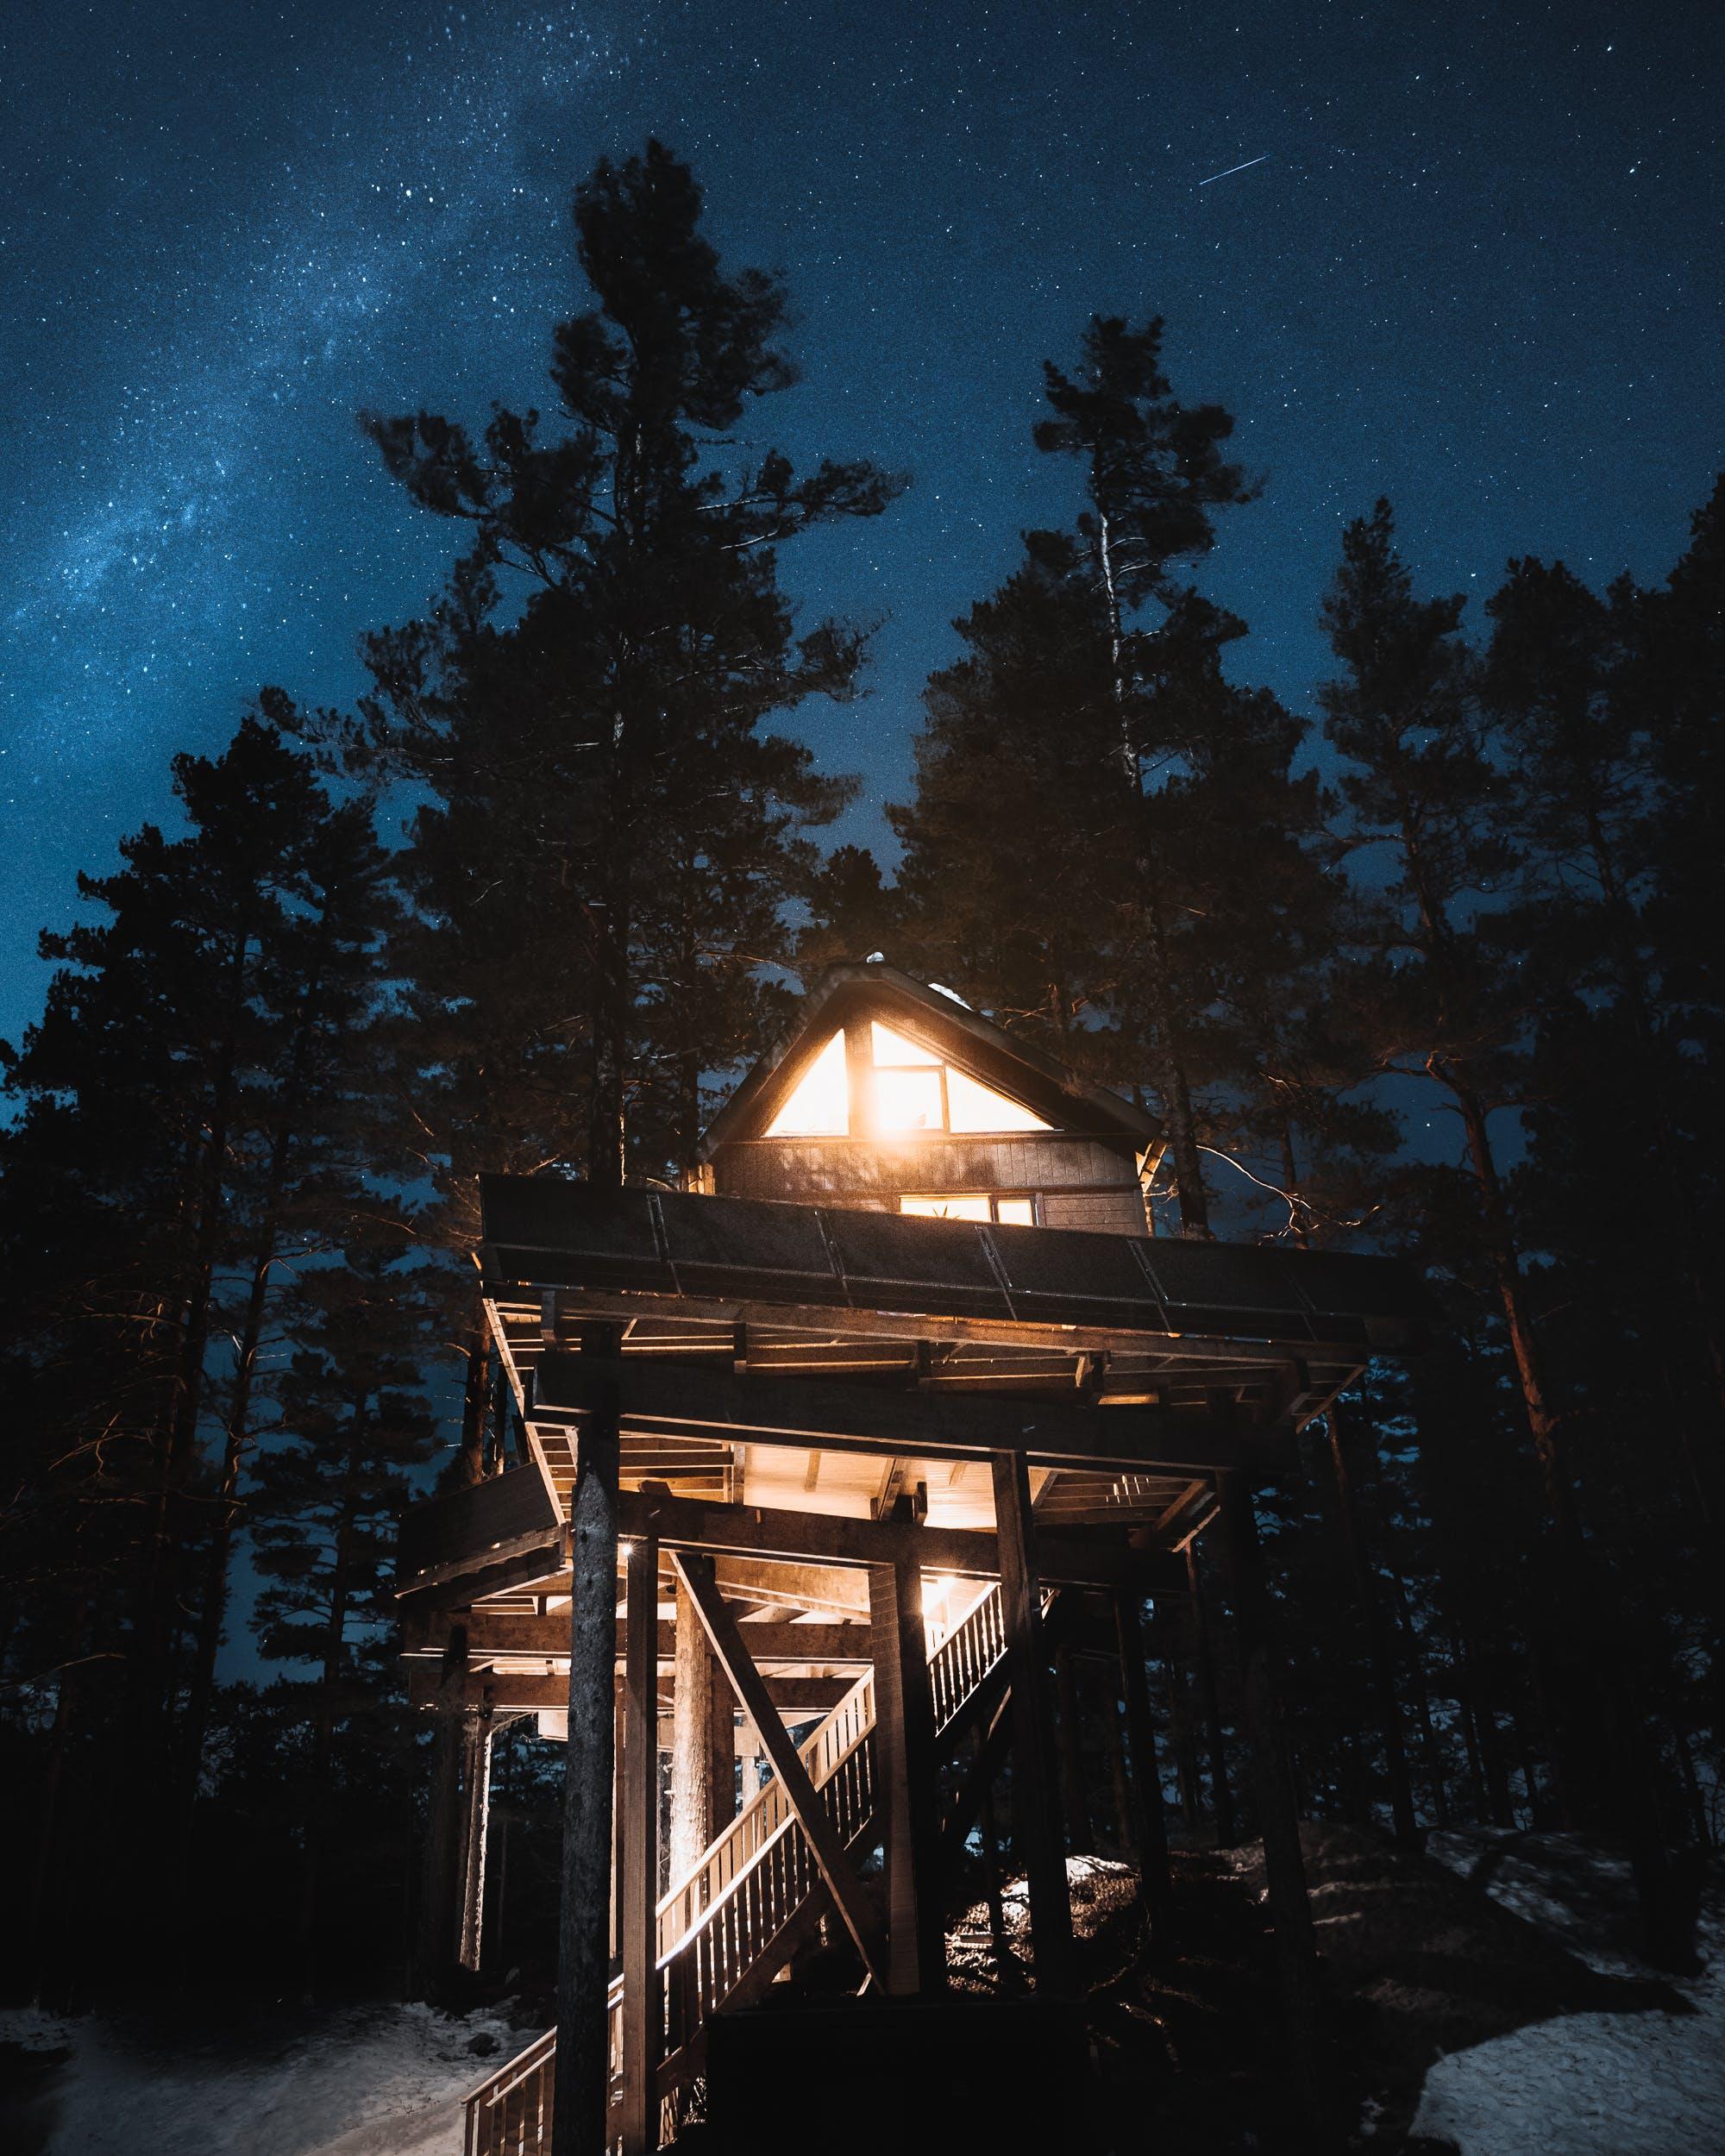 tretopphytte stjernehimmel